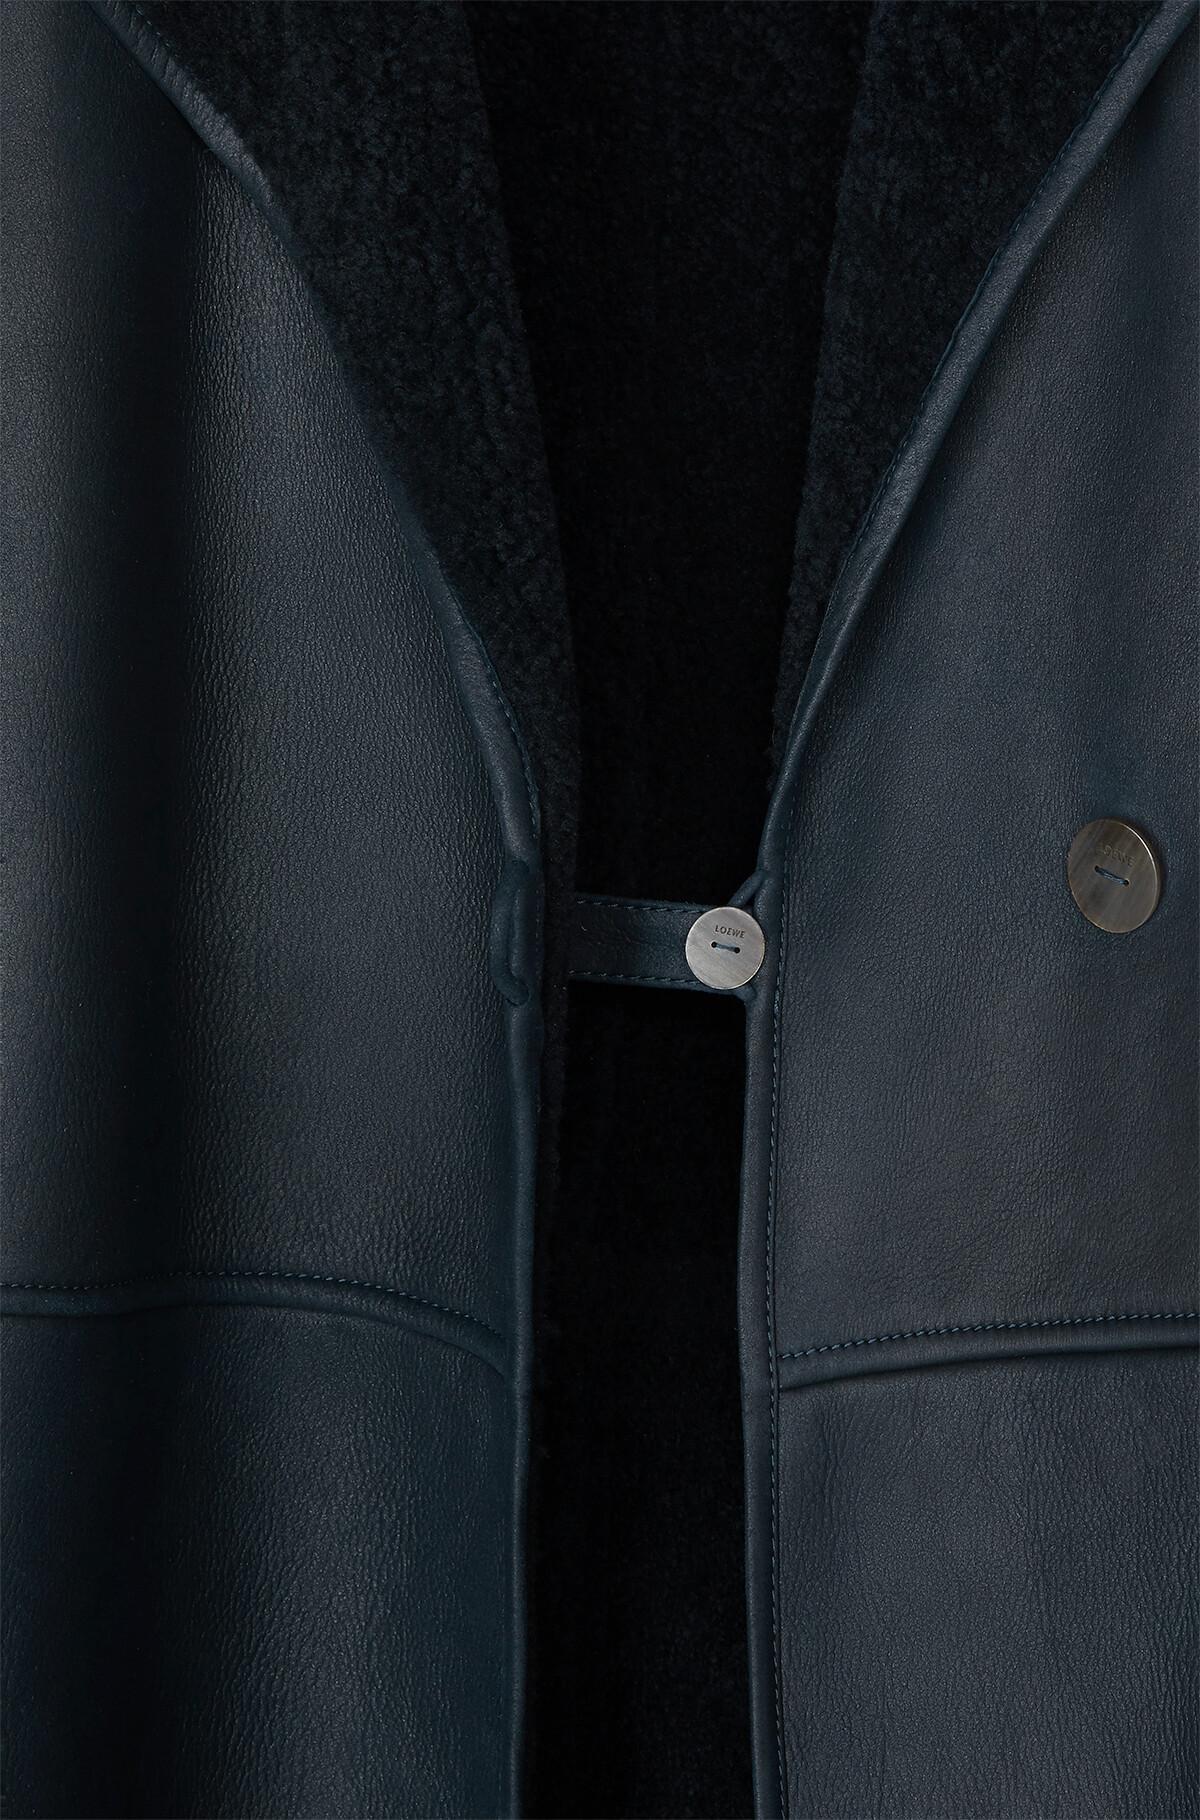 LOEWE Shearling Coat 海军蓝/海军蓝 front